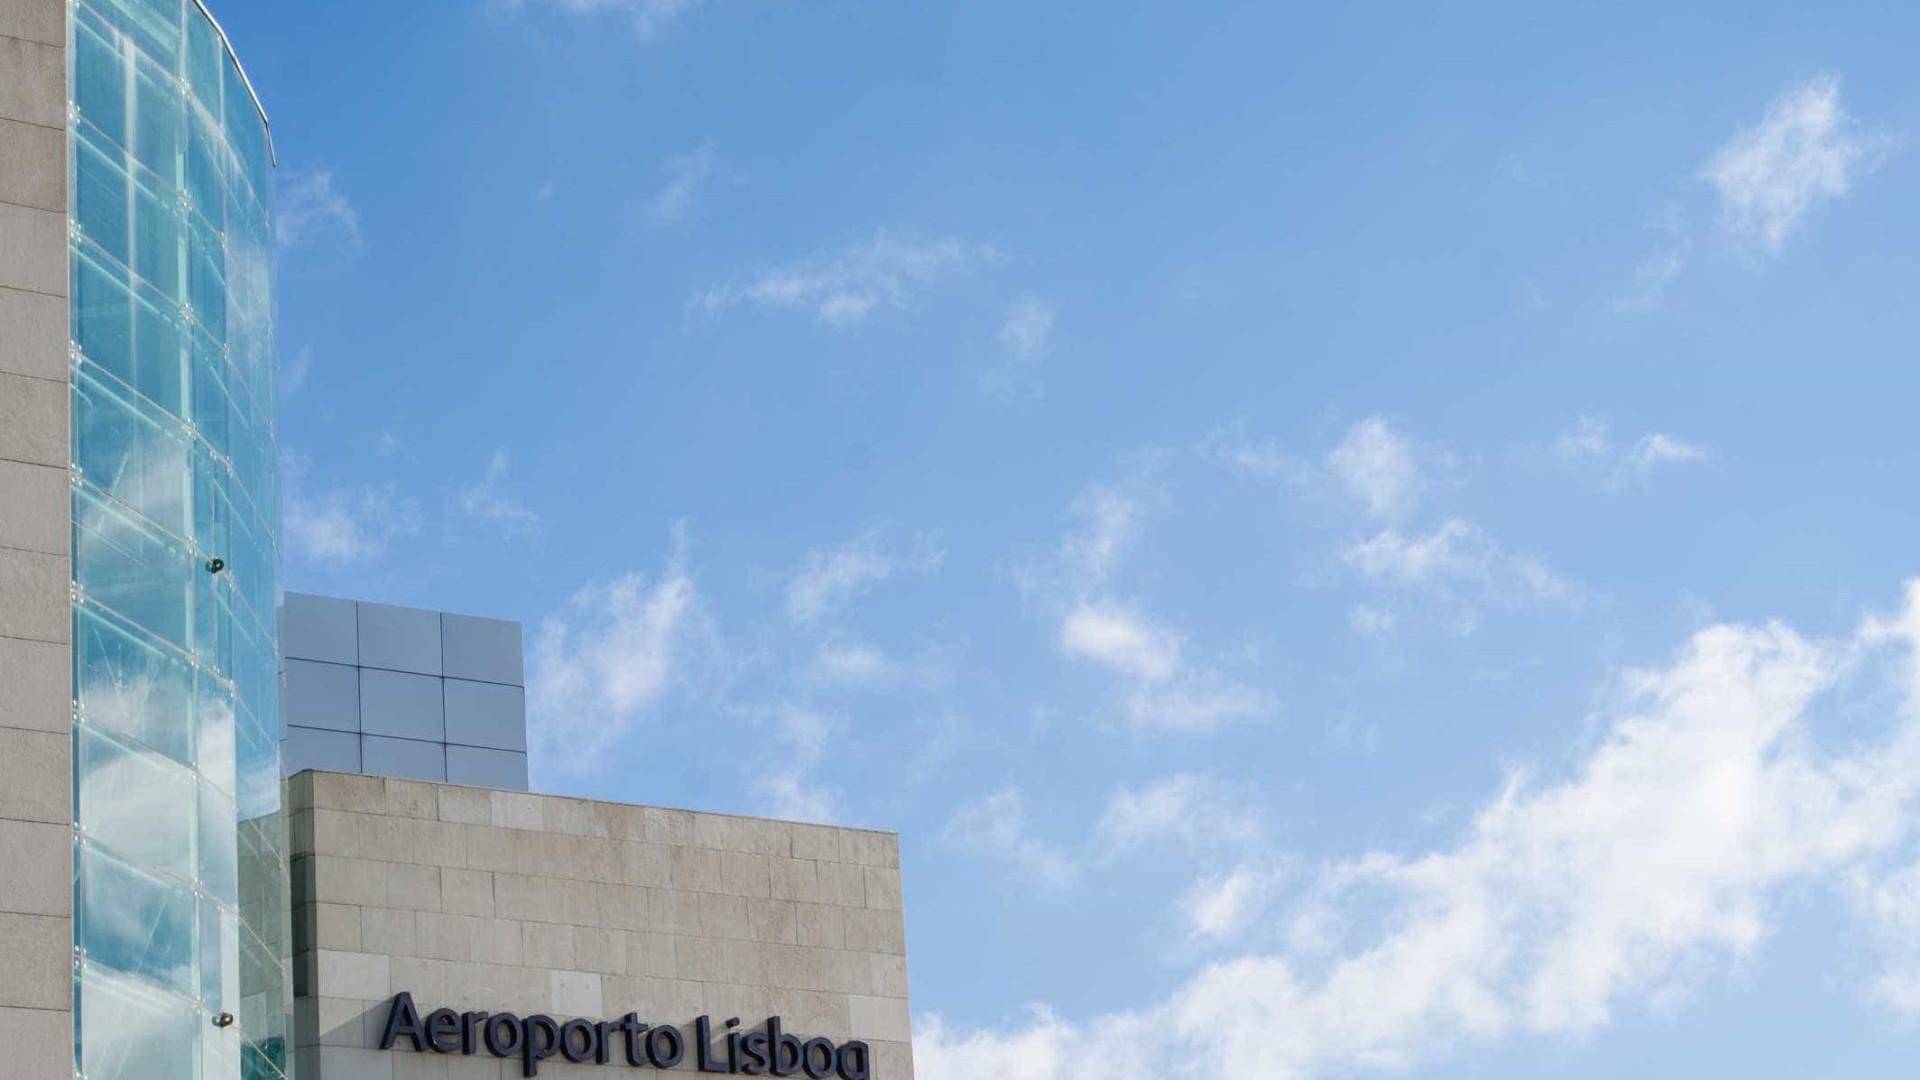 Jovem detido no Aeroporto de Lisboa com mais de 22 mil doses de heroína